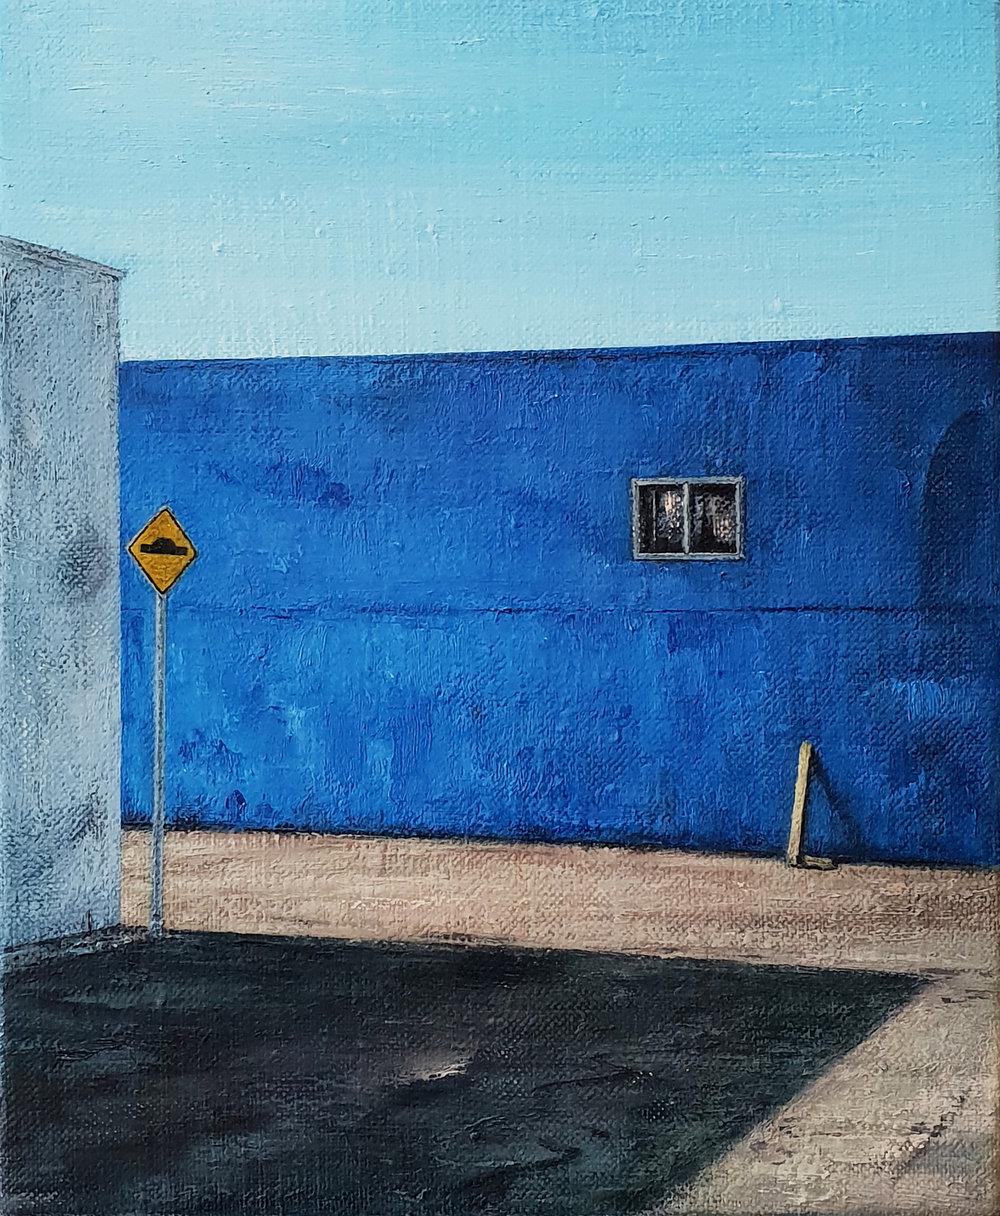 Daniel Unverricht  Laze , 2018 Oil on linen 300 x 250 mm  _______